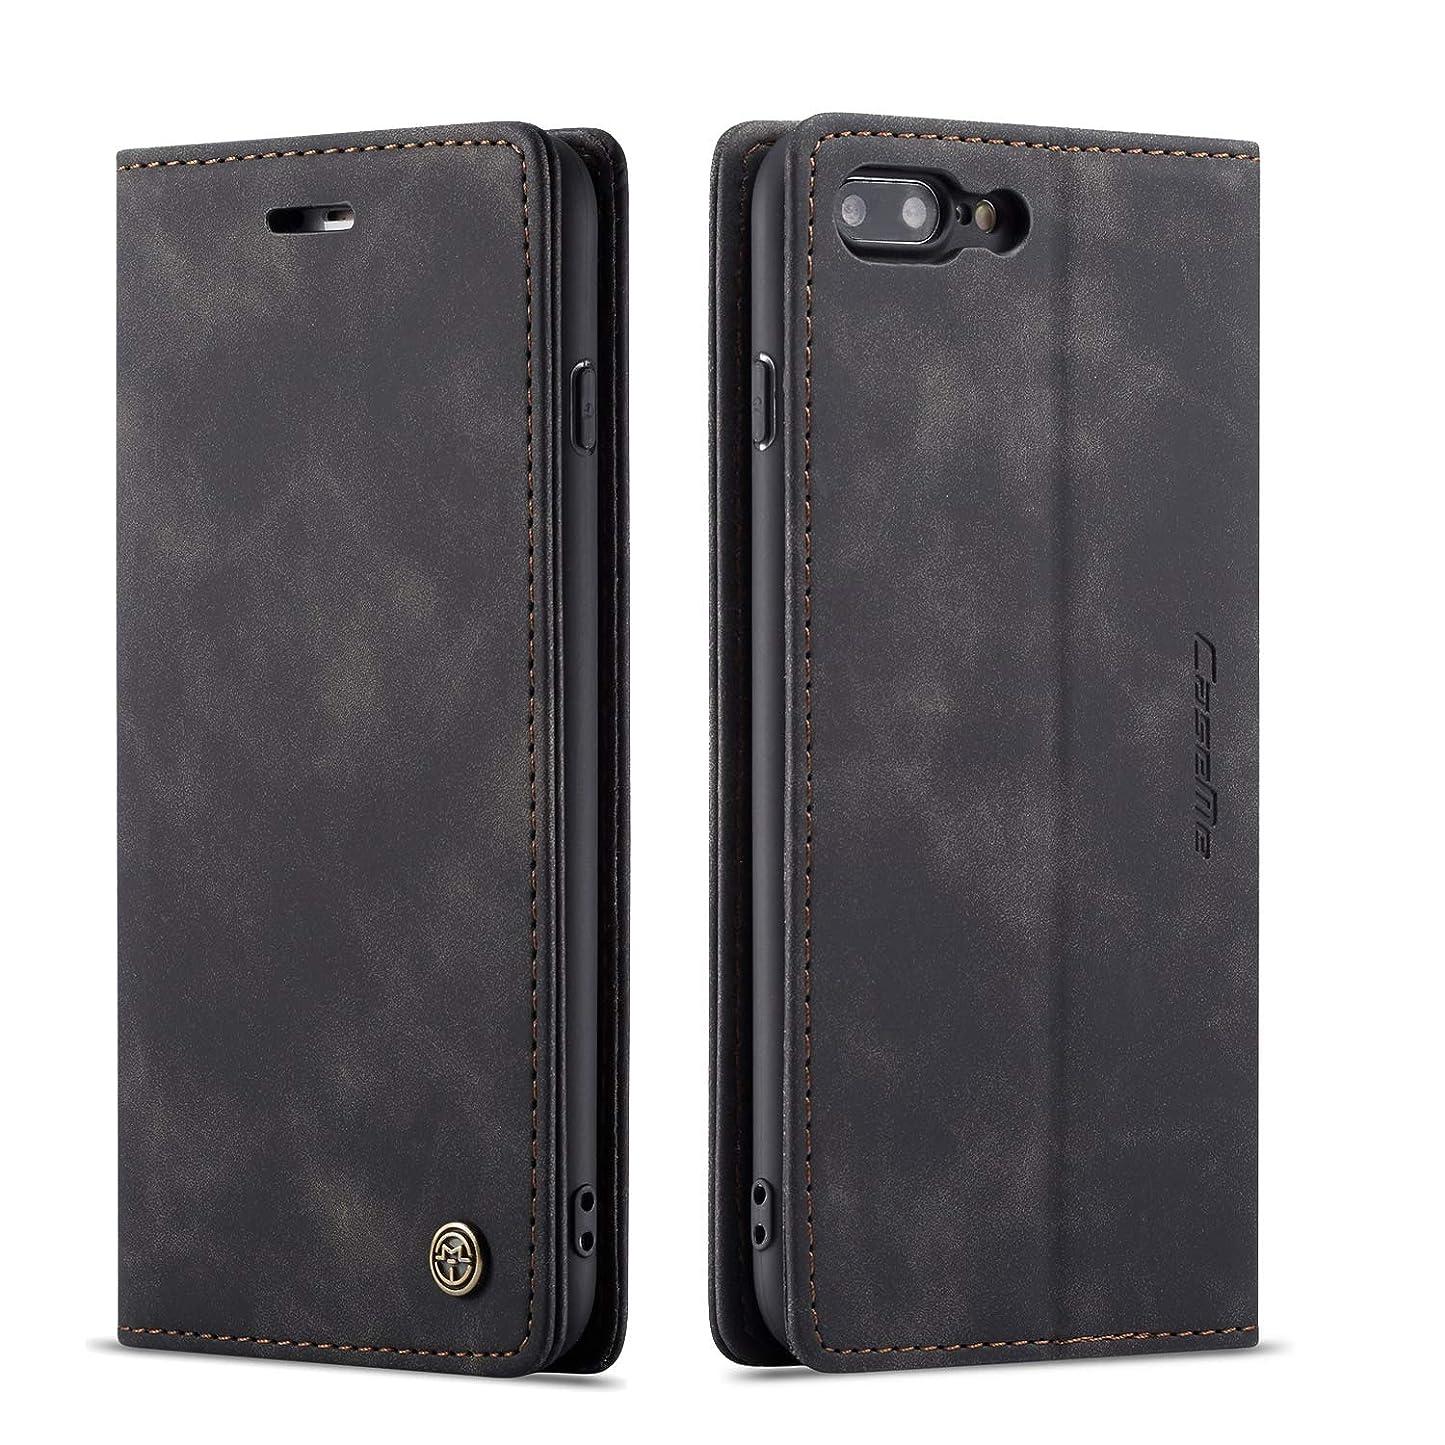 計画突き出す顔料QLTYPRI iPhone 7 8 ケース 手帳型 本革 高級レザー マグネット カード収納 全面保護 薄型 耐衝撃 横置き Qi充電対応 おしゃれ 人気 - ブラック